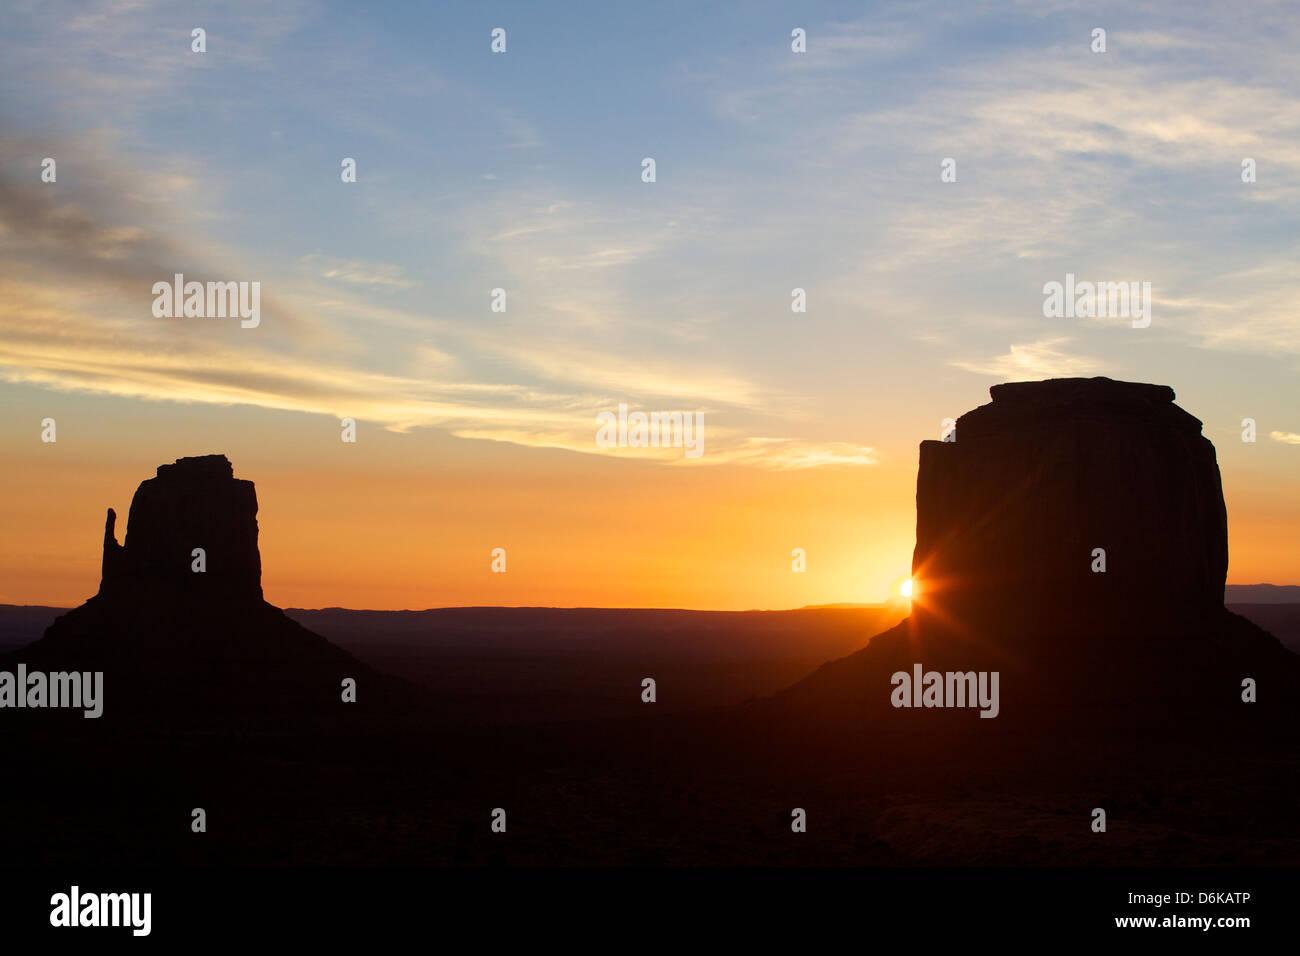 Valle Monumento al amanecer, Utah, Estados Unidos de América, América del Norte Imagen De Stock